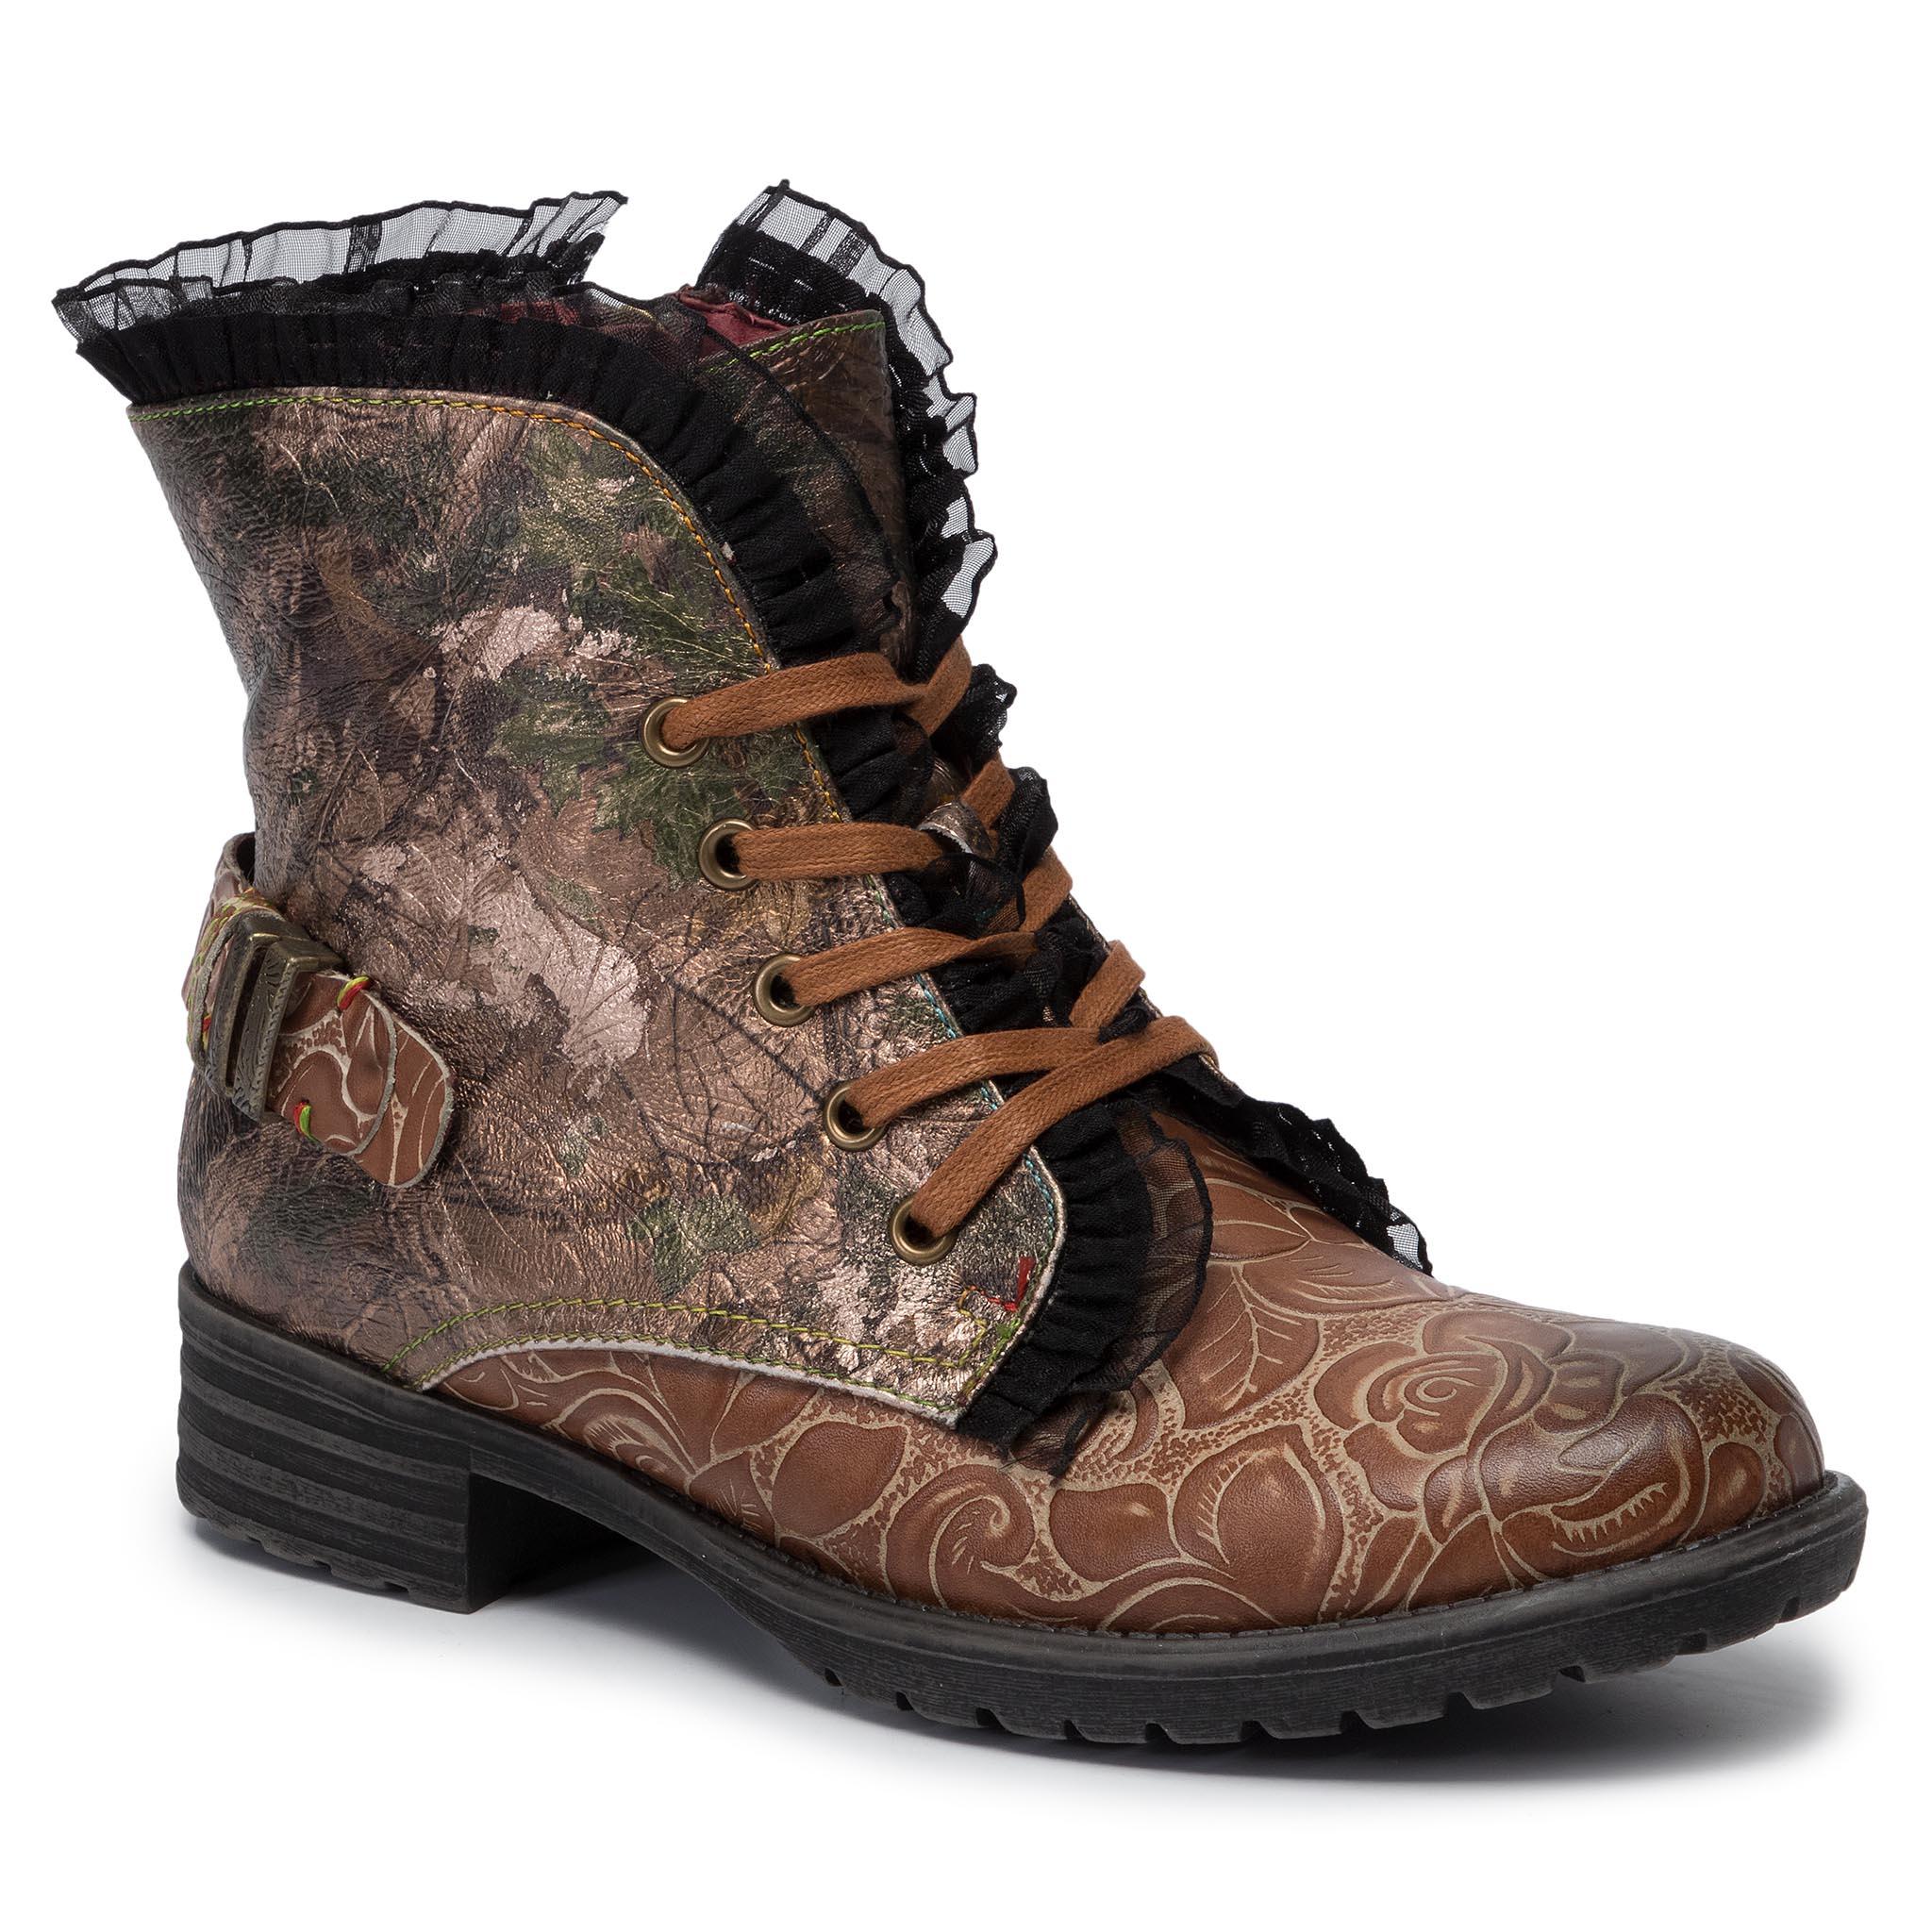 Boots LAURA VITA Alcizeeo 12 SL886 2A Noir Boots High